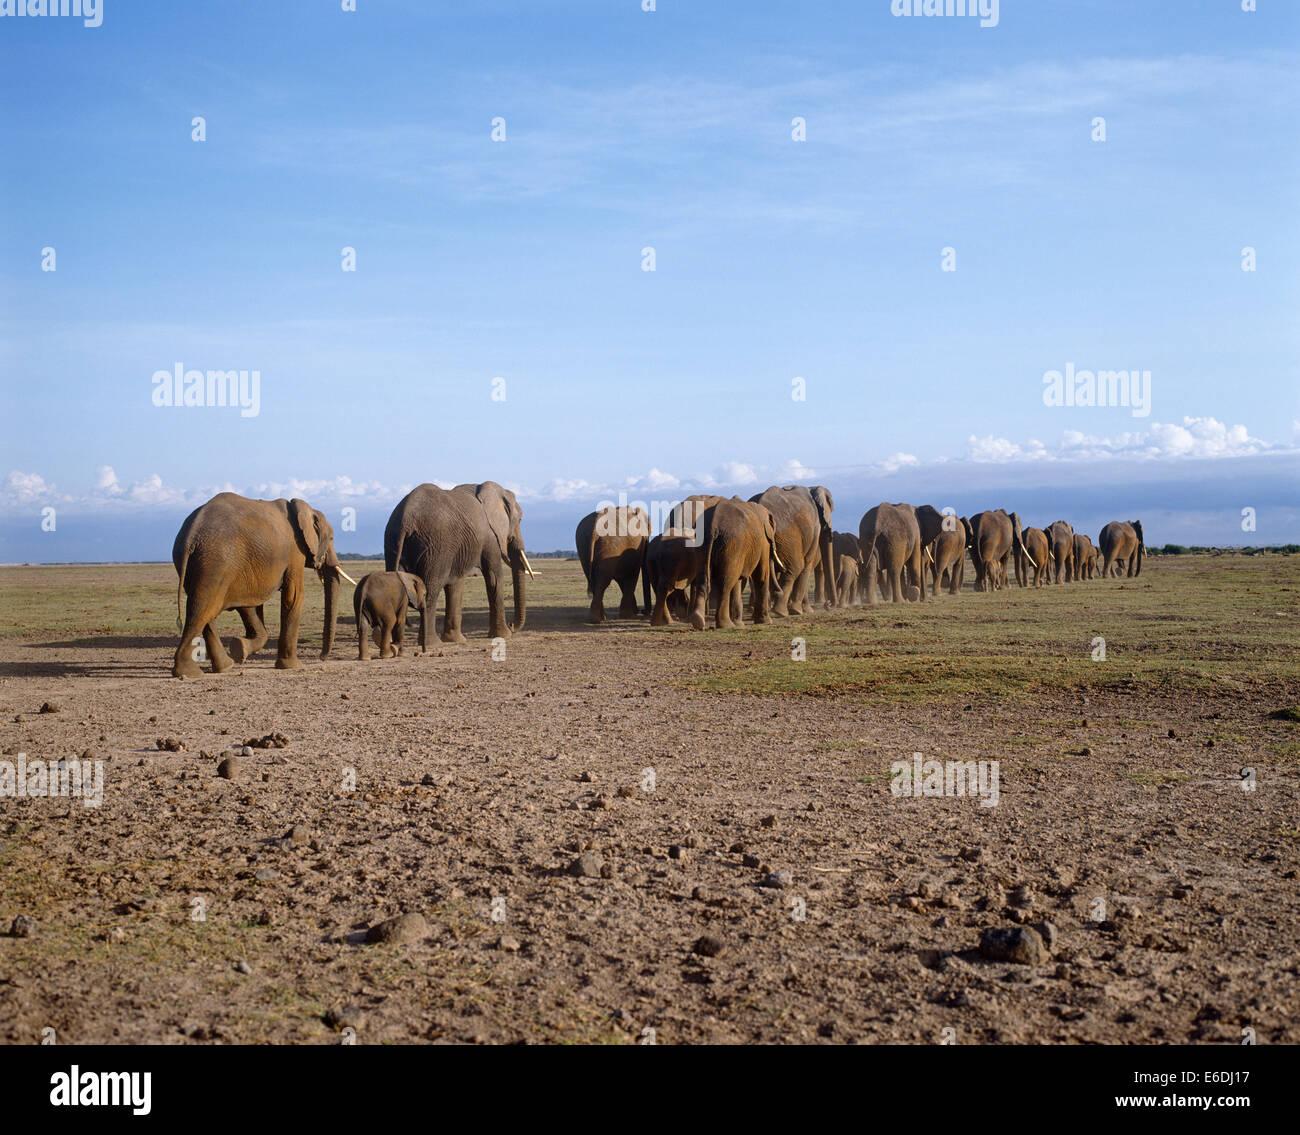 elephant herd - Stock Image